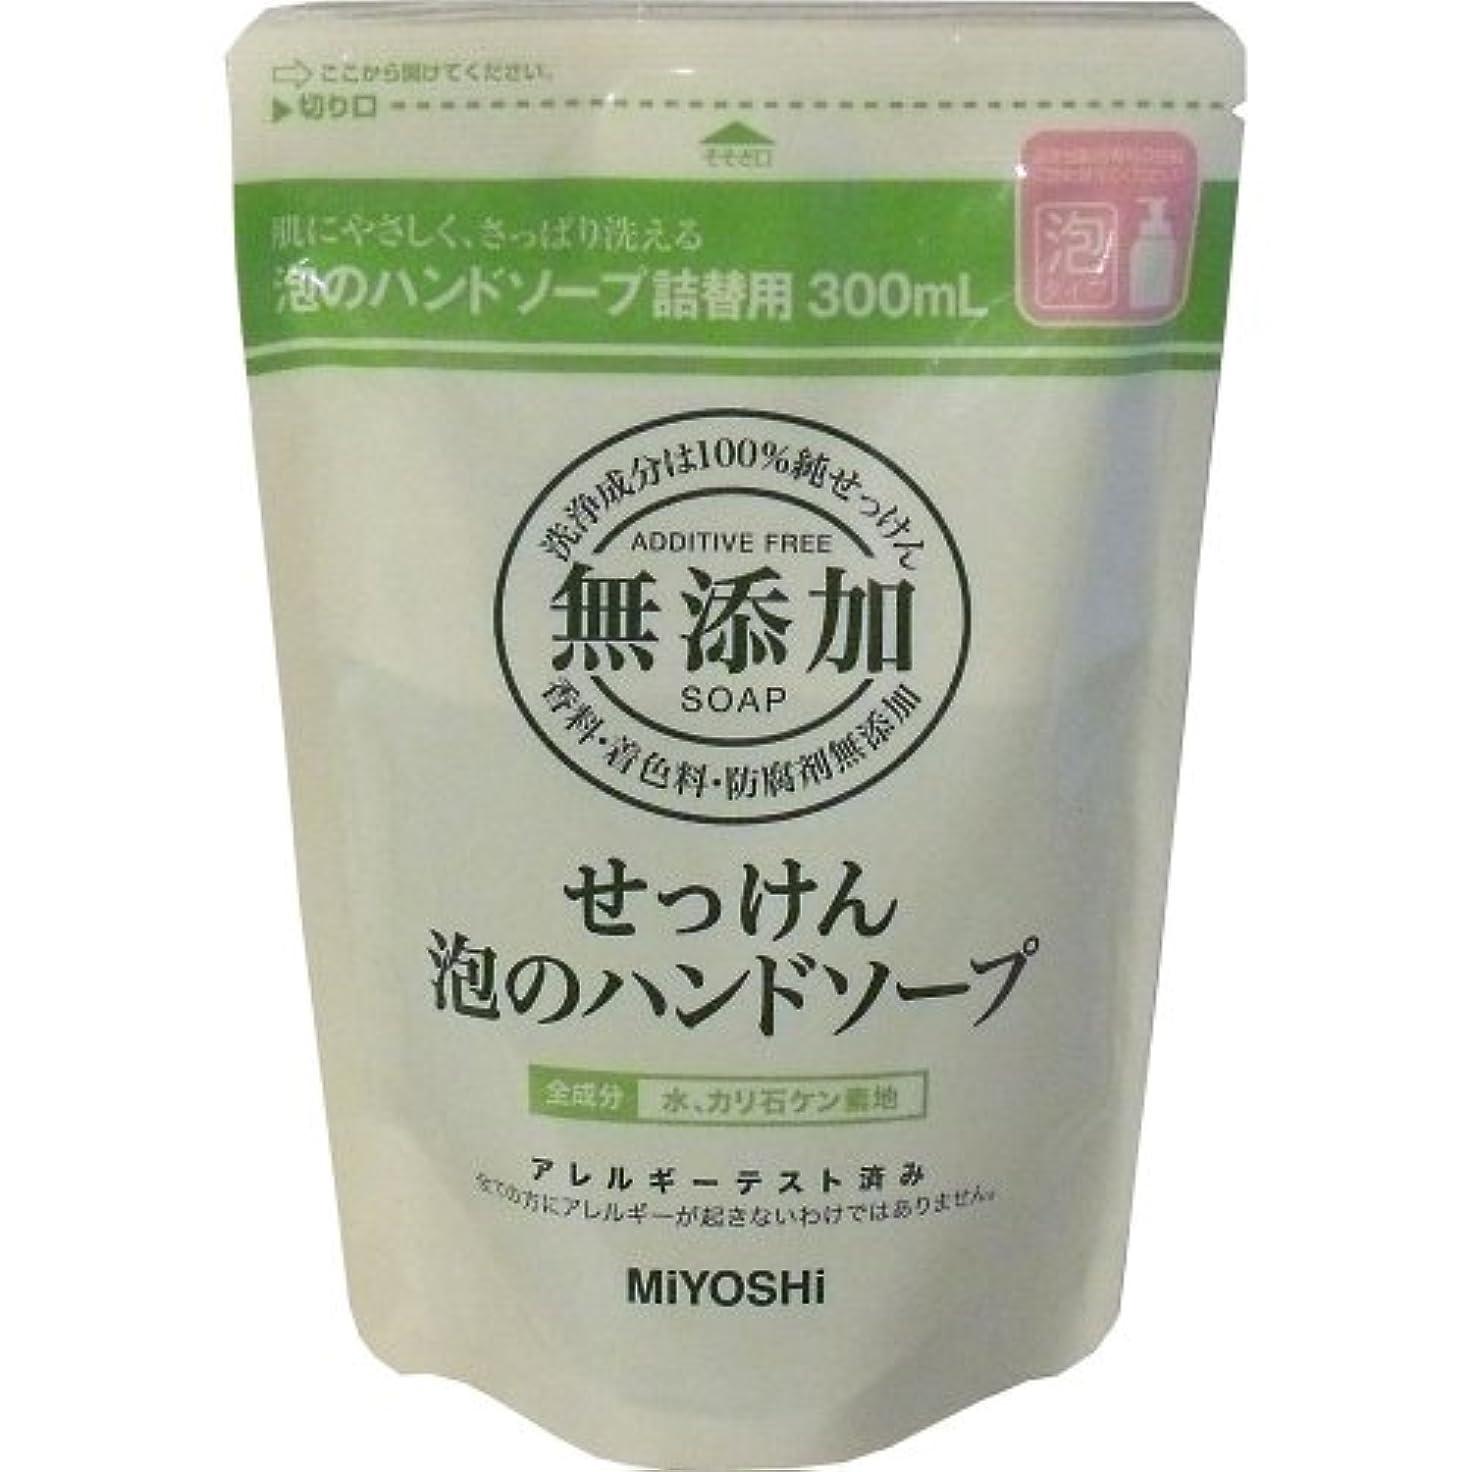 兵器庫ビートテラスミヨシ石鹸 無添加せっけん泡ハンドソープ 詰替用300ml×5